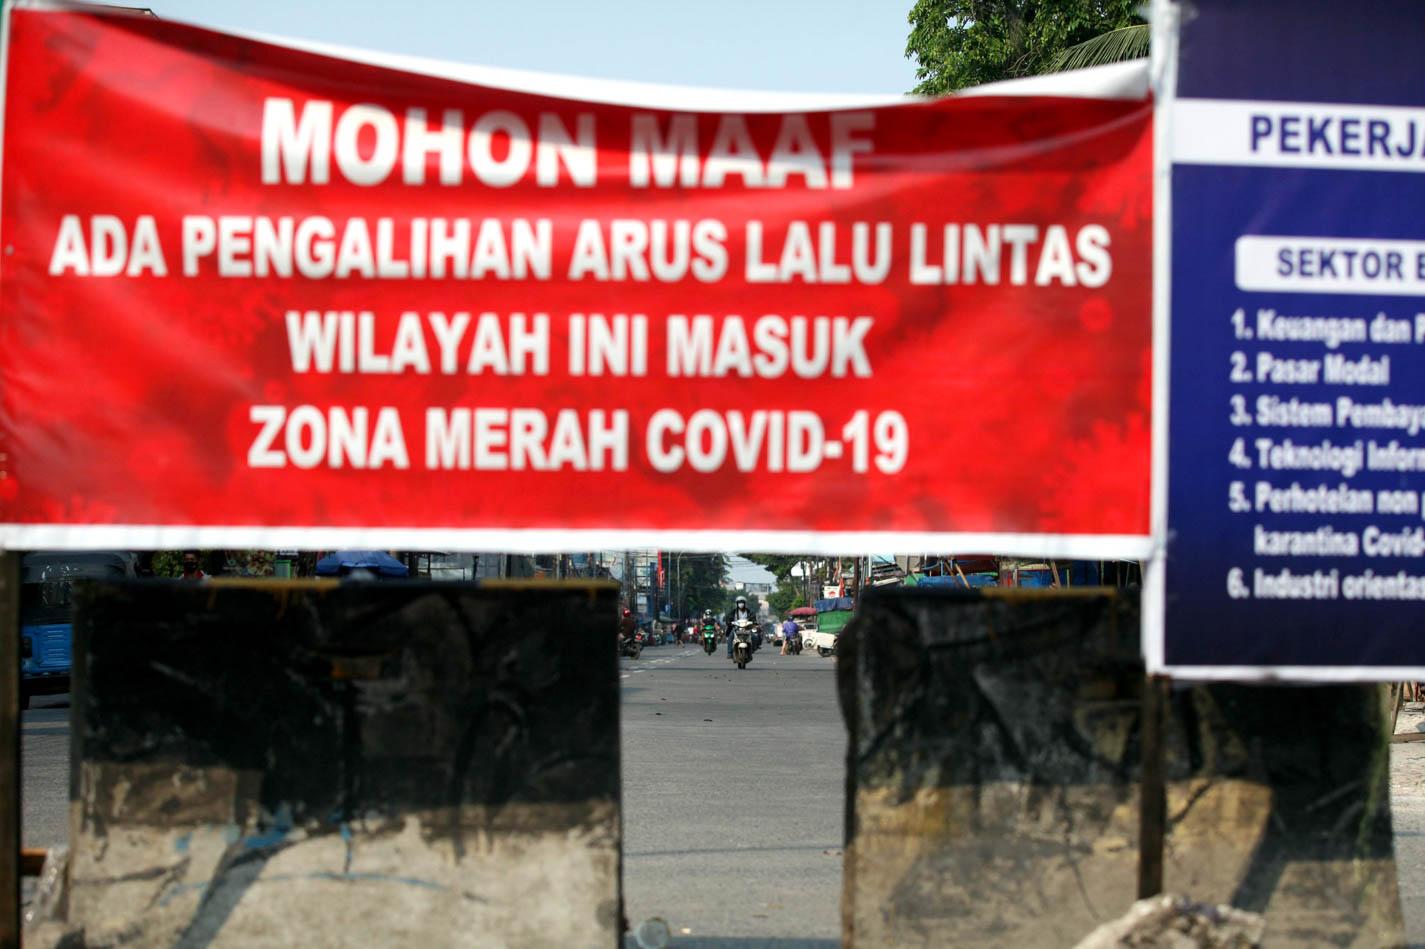 Zona Merah Covid-19 DKI Jakarta Tersisa 1 RT, Di Mana Lokasinya?